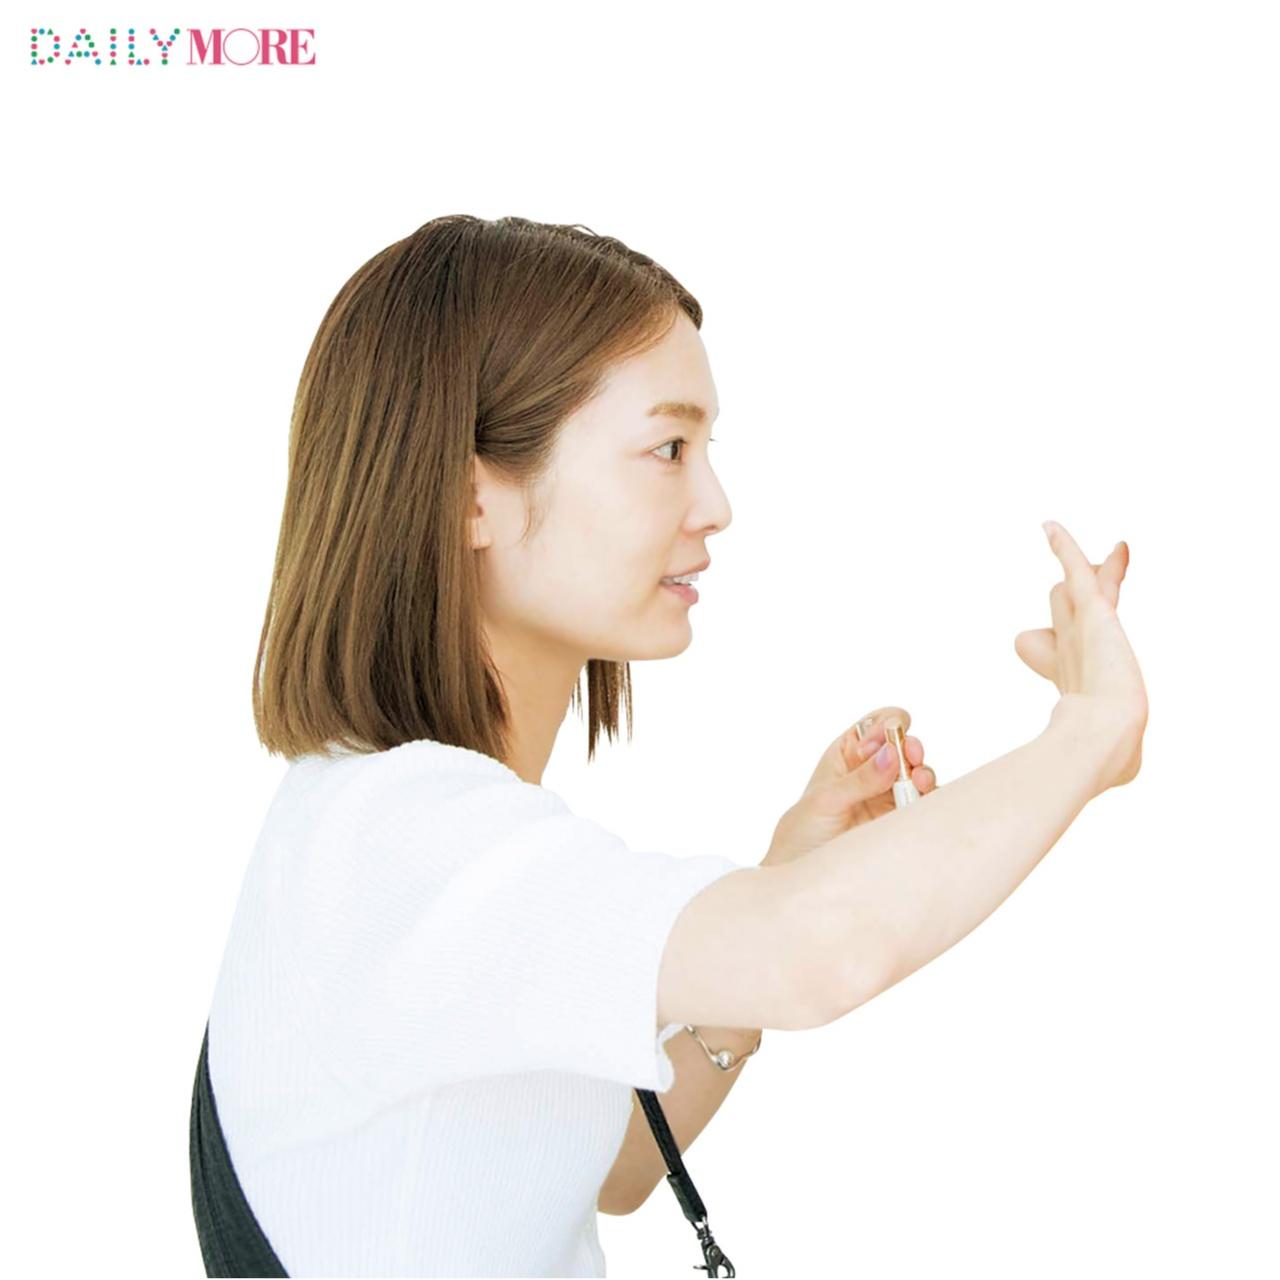 くまやニキビ、シミなどコンプレックスも解消! 人気ヘアメイク・川添カユミさんが教える「おしゃれ肌の極意」Q&A_1